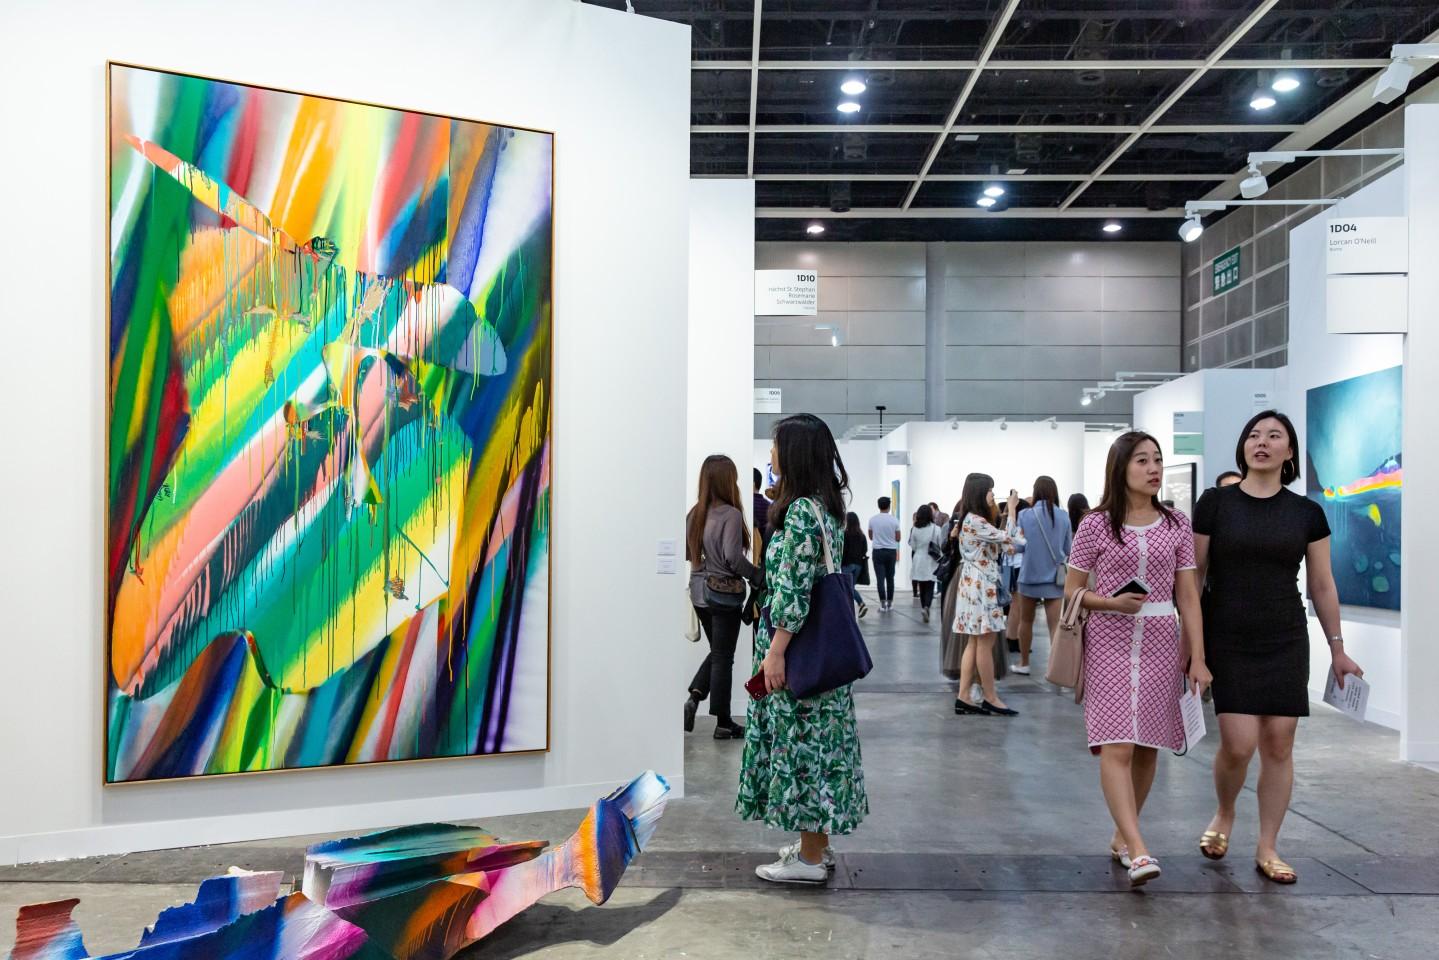 收藏入门:在艺博会上买艺术品要注意哪些?